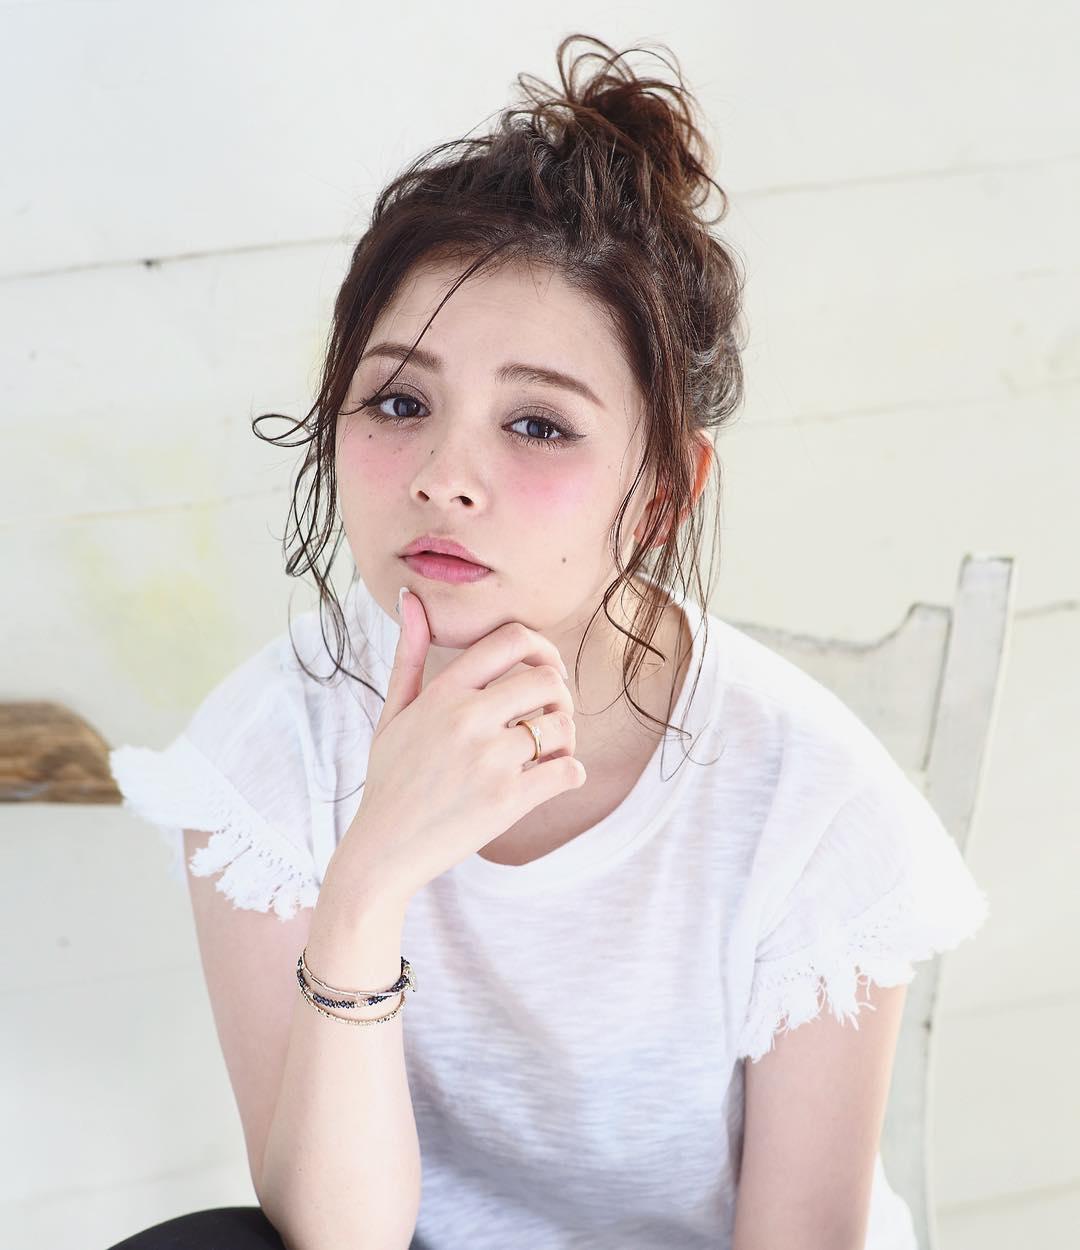 【保存版】2018年トレンドの可愛いヘアスタイル・髪型77選大発表!6